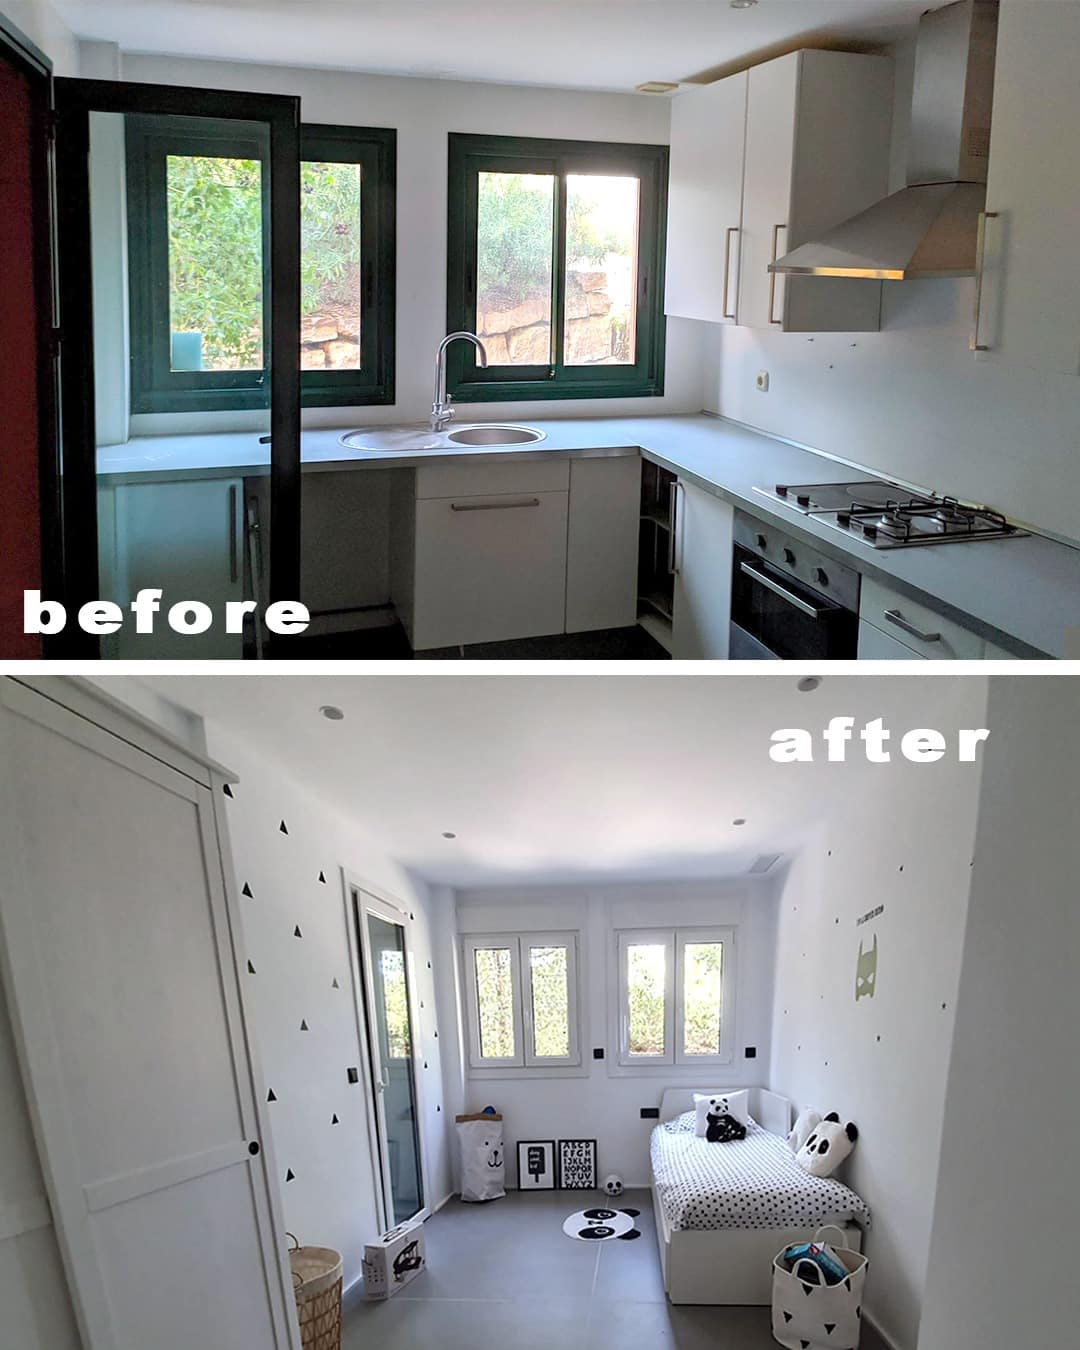 Imagen del antes y el depués de una cocina transformada en dormitorio en la reforma piso Marbella, decoración ibizenca